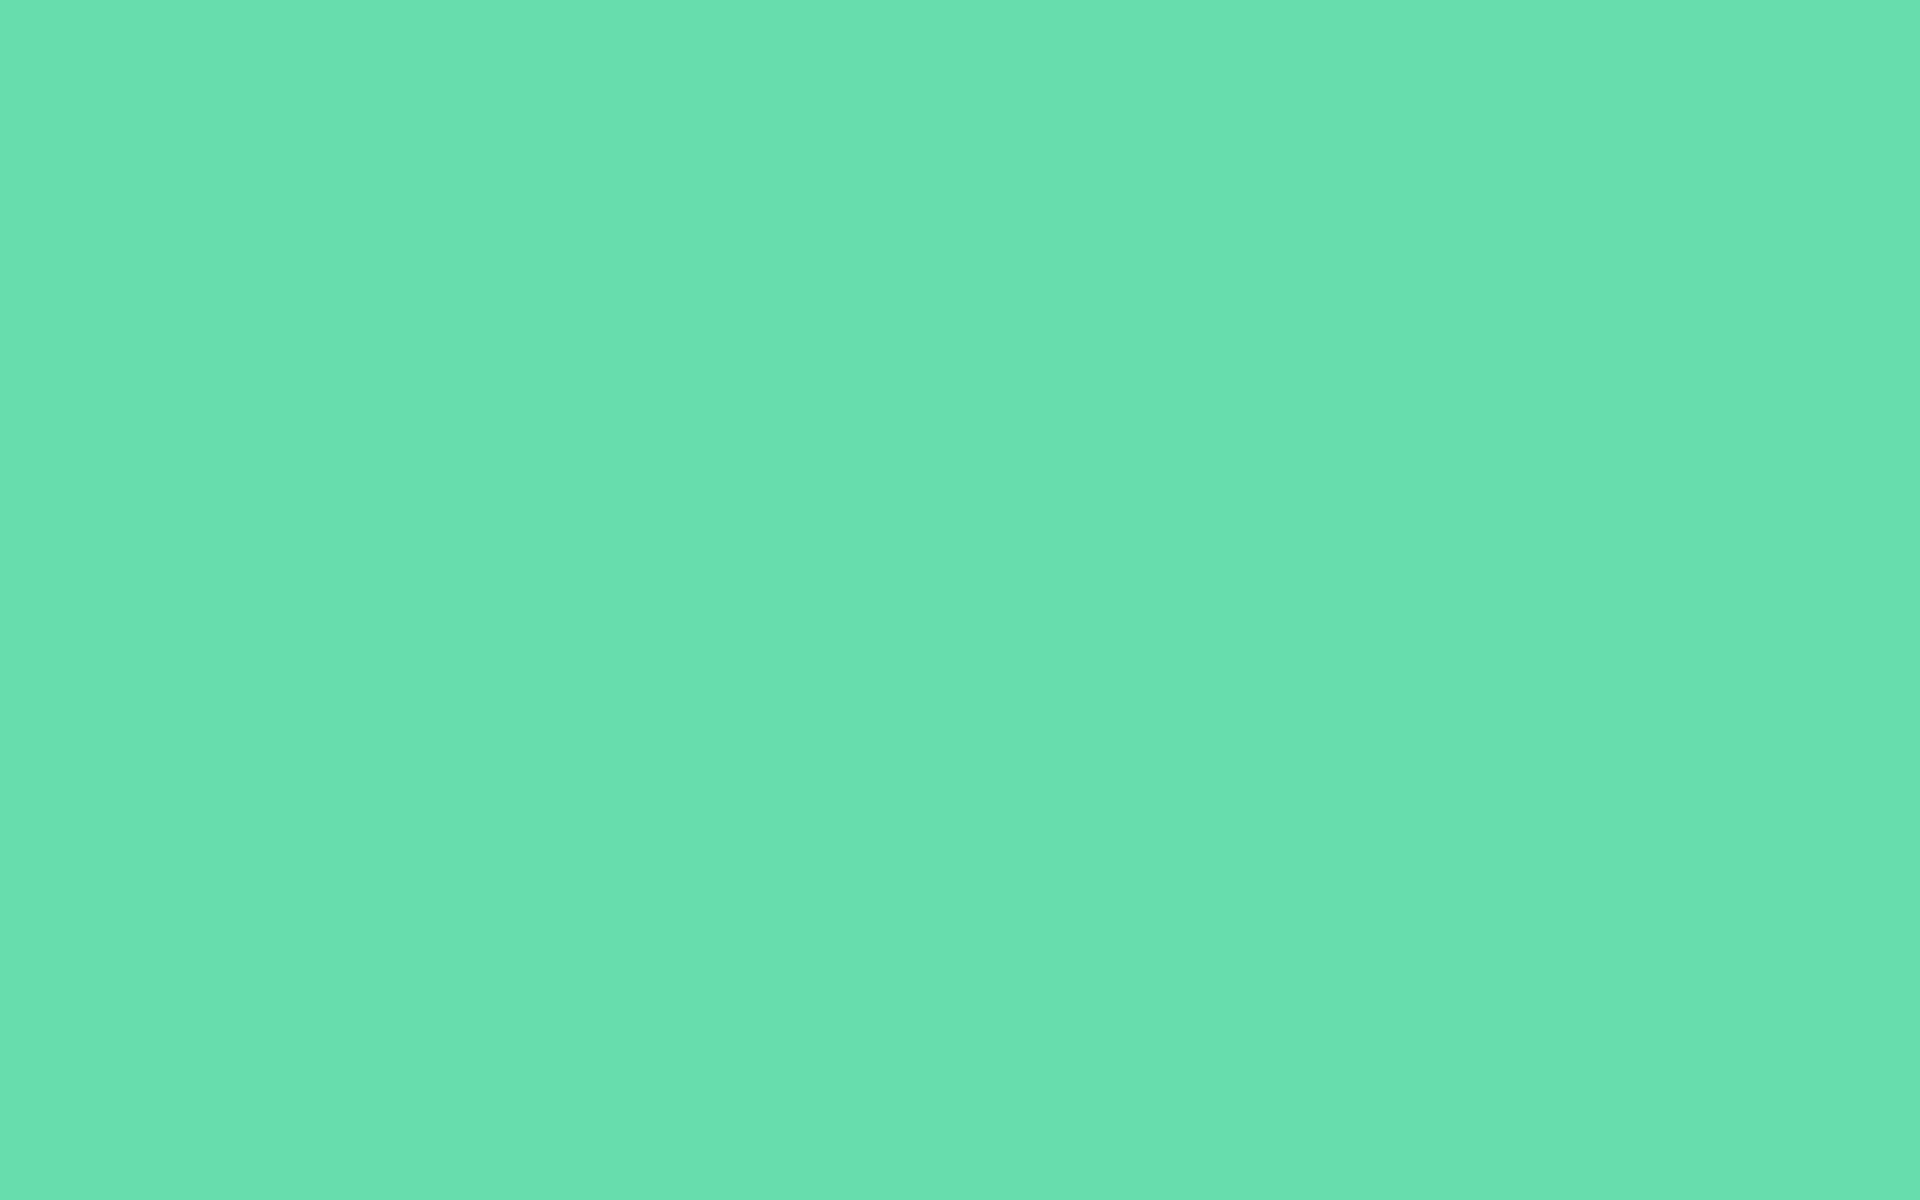 1920x1200 Medium Aquamarine Solid Color Background